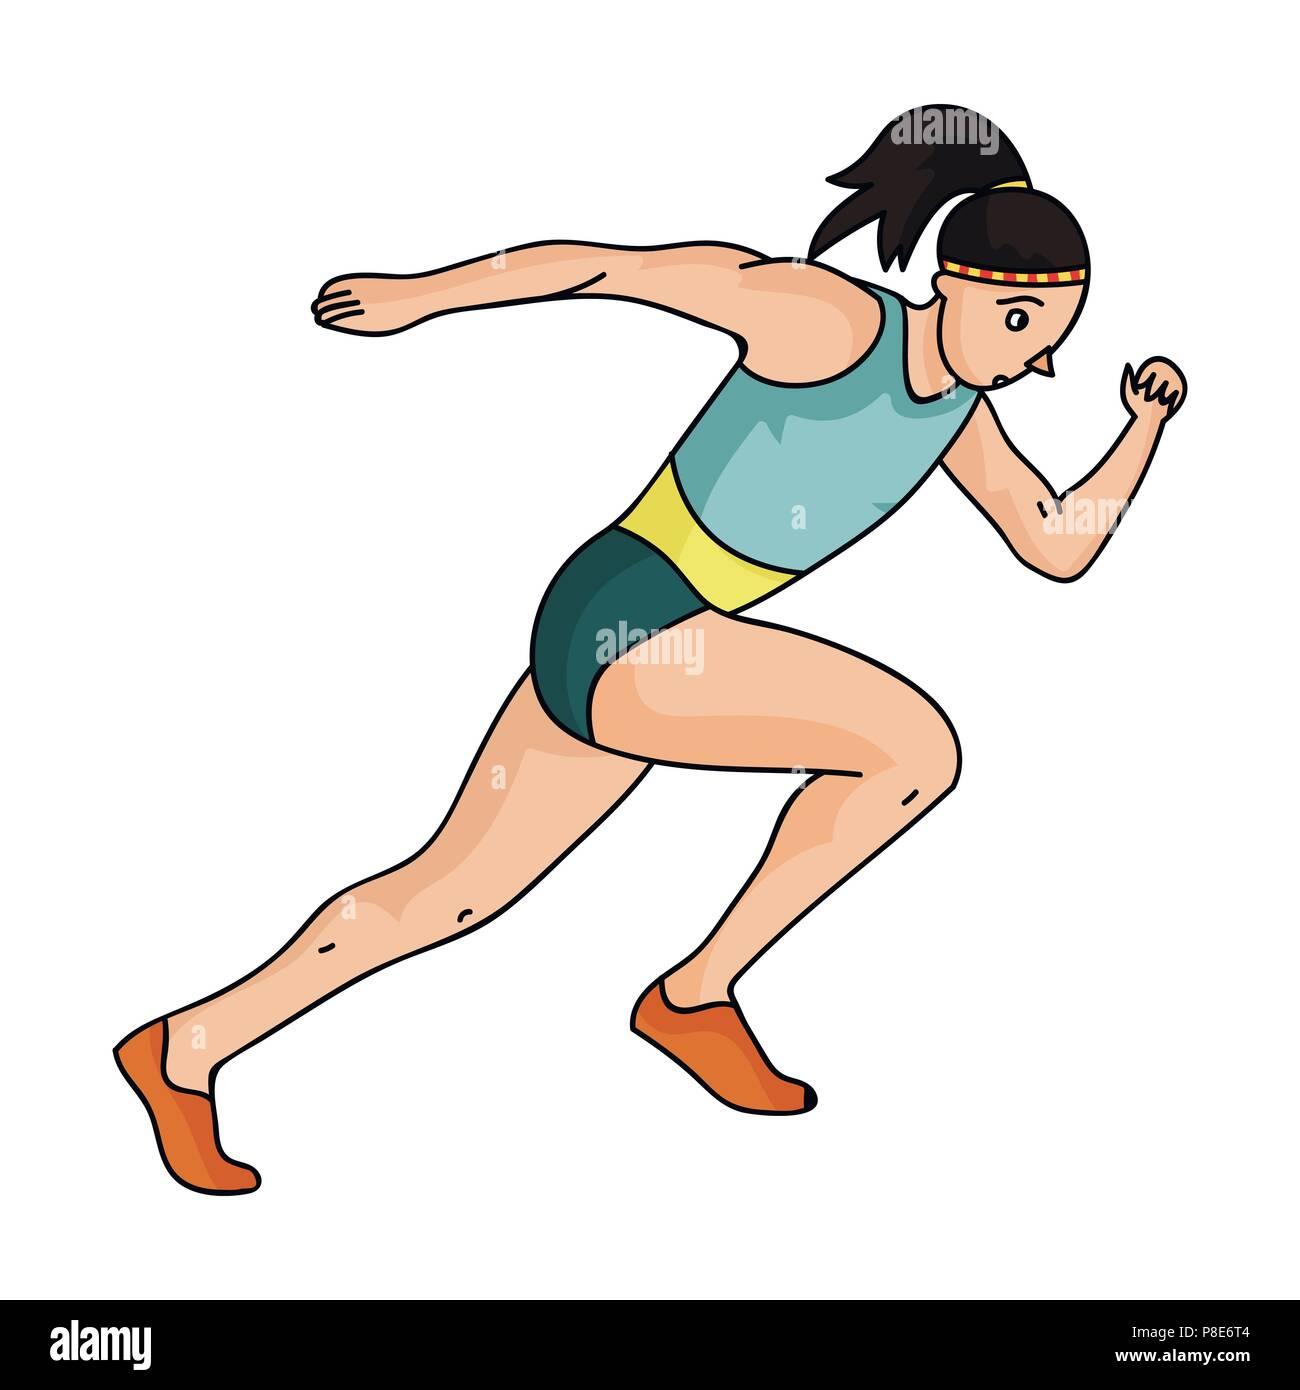 rationelle Konstruktion klar in Sicht kauf verkauf Das Mädchen ist in der Leichtathletik tätig. Die Olympischen ...